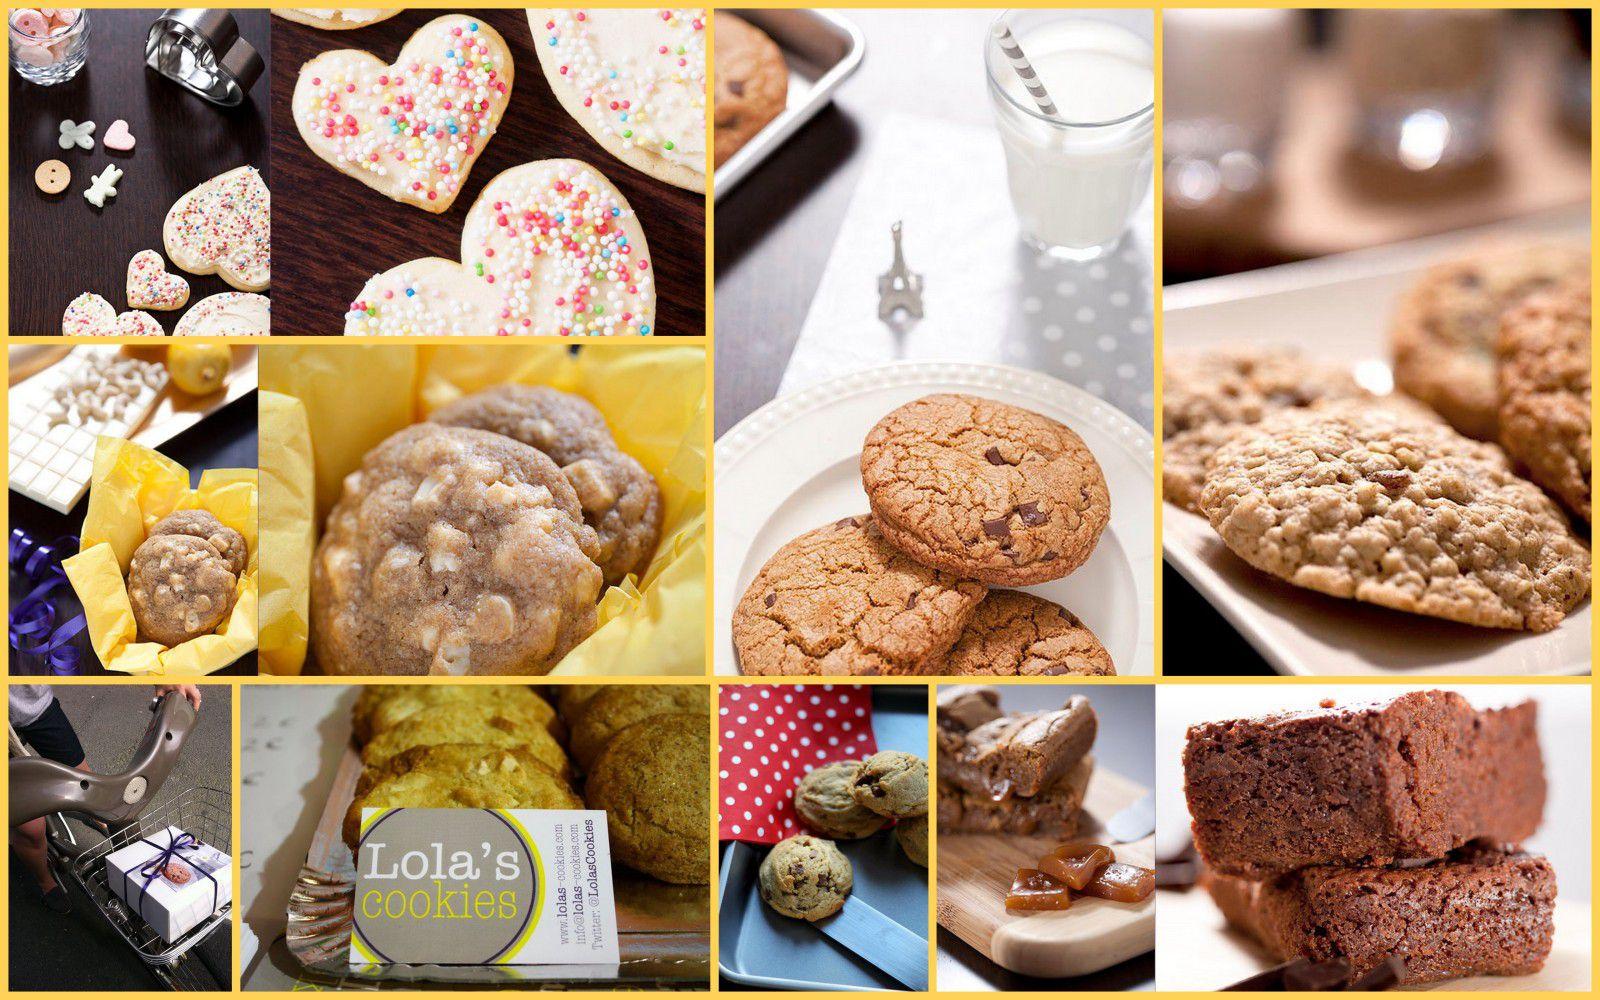 lola-s-cookies.jpg